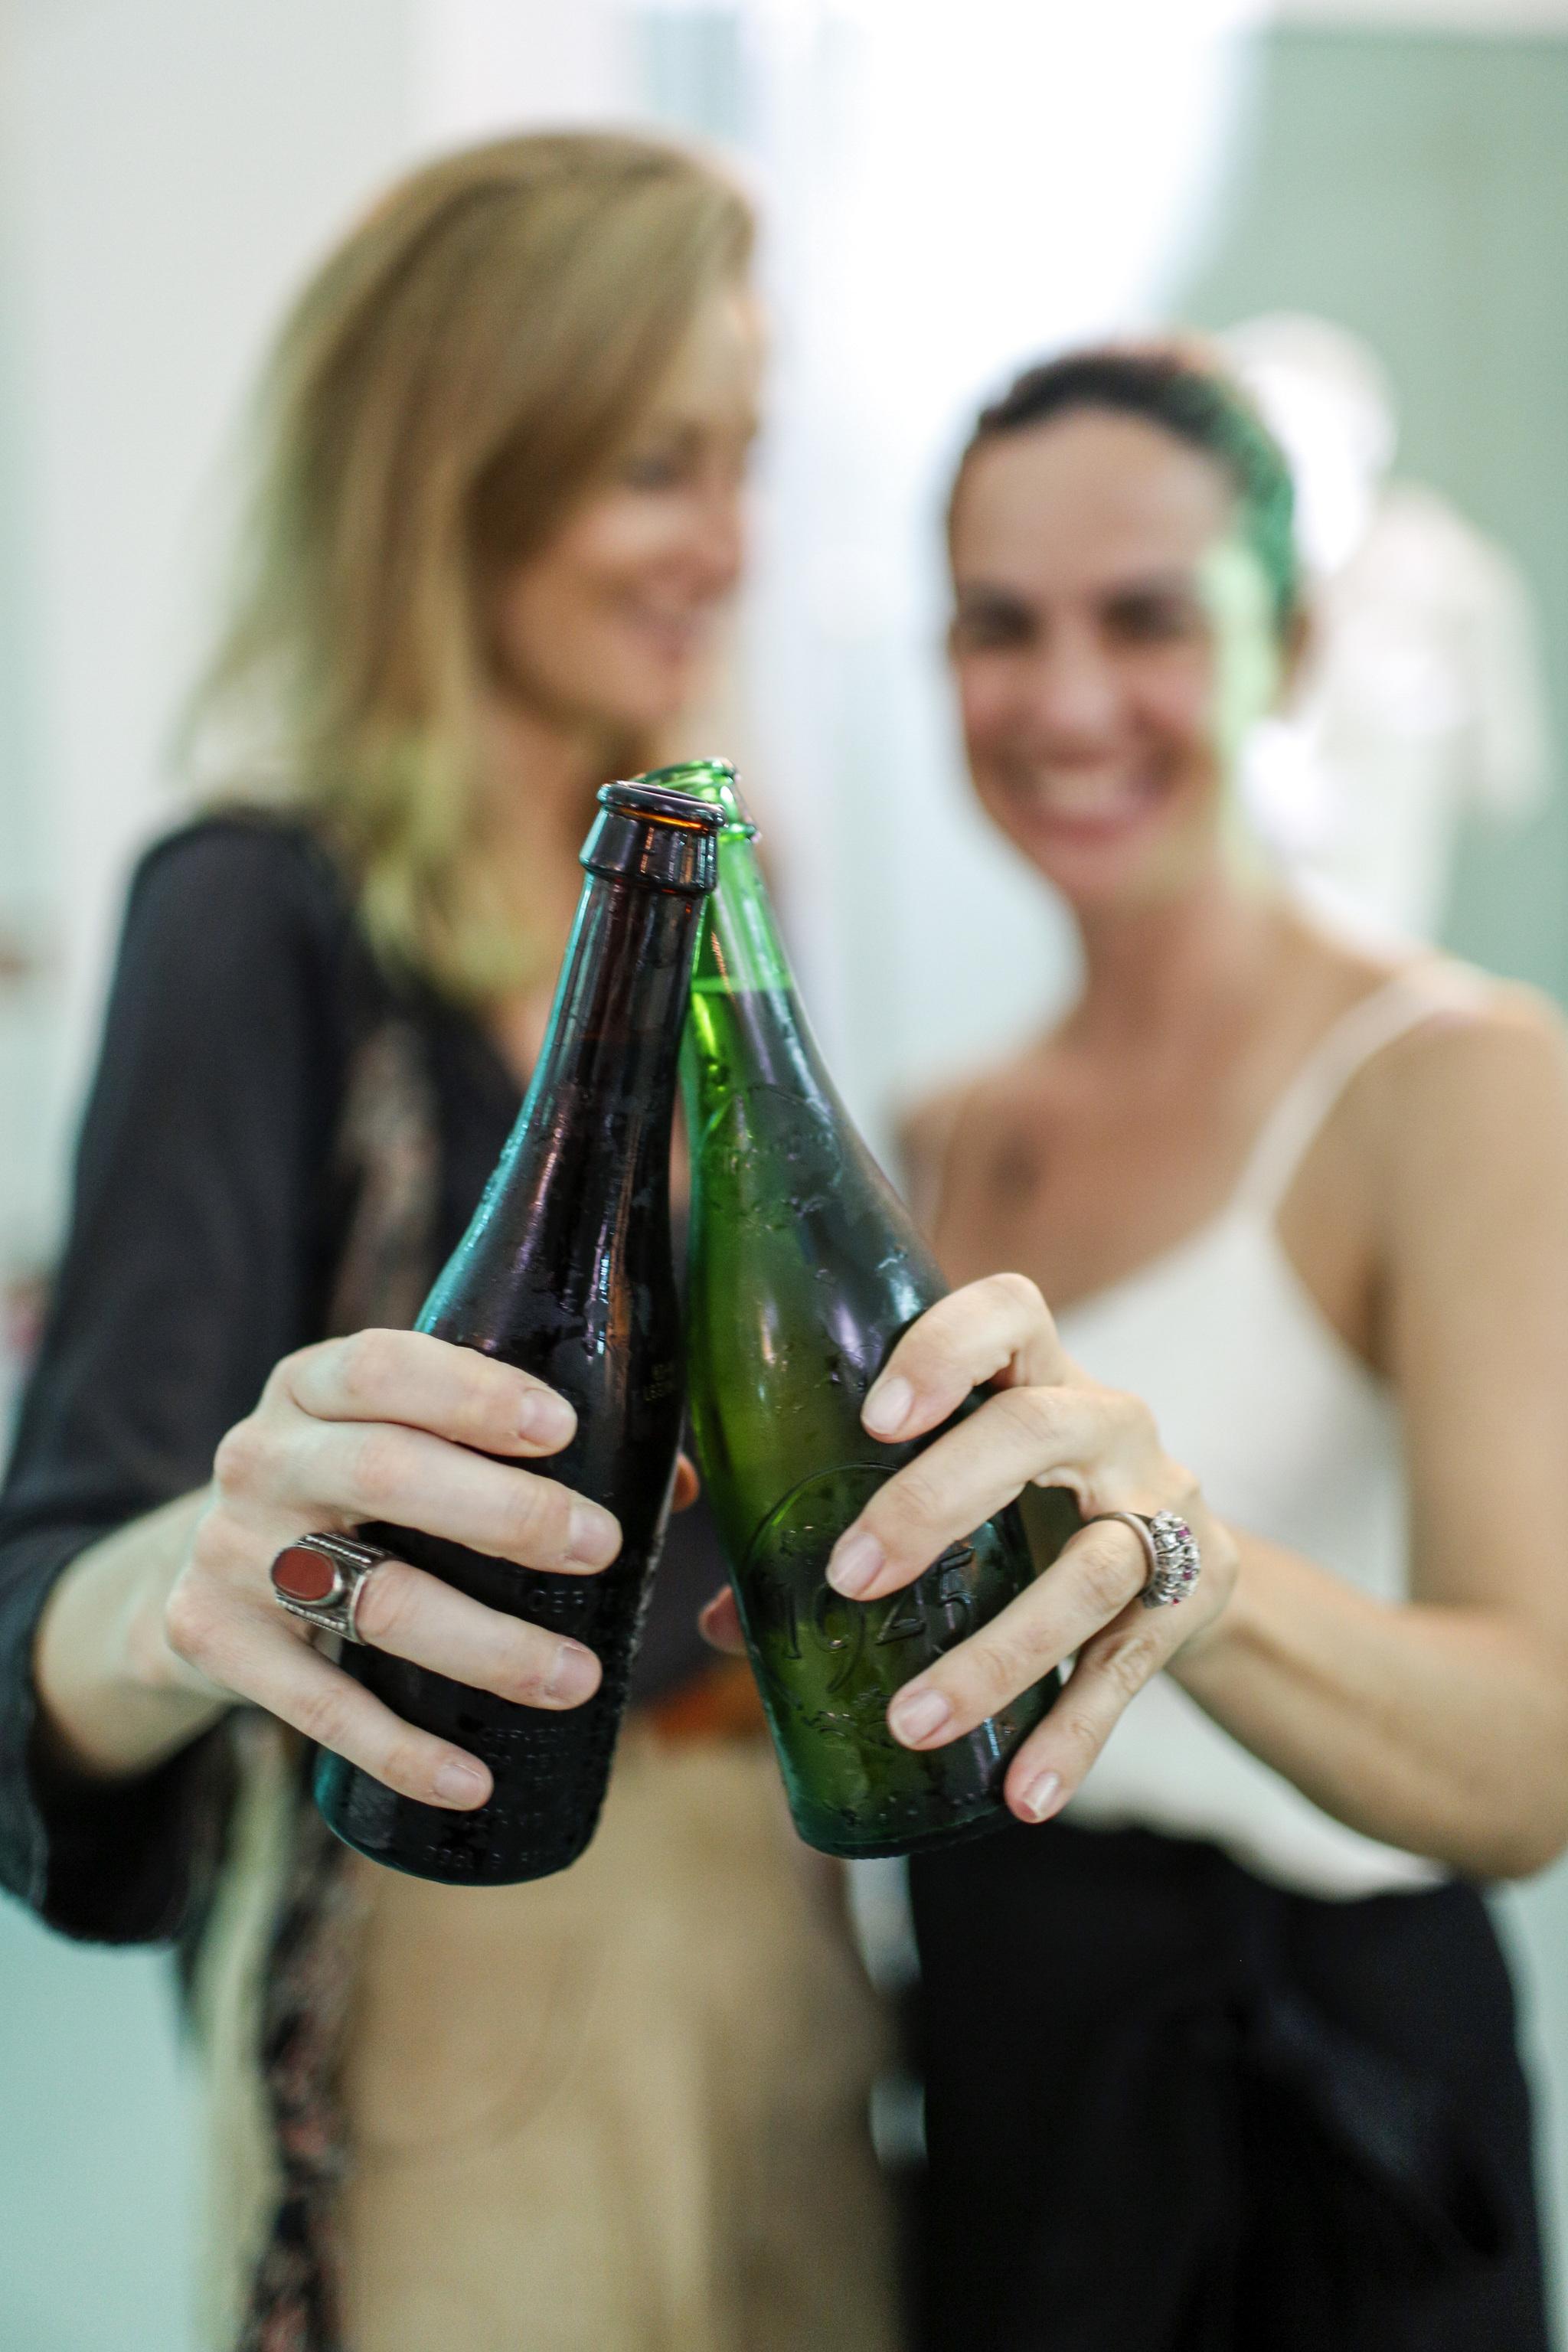 El alcohol afecta directamente sobre el sistema nervioso